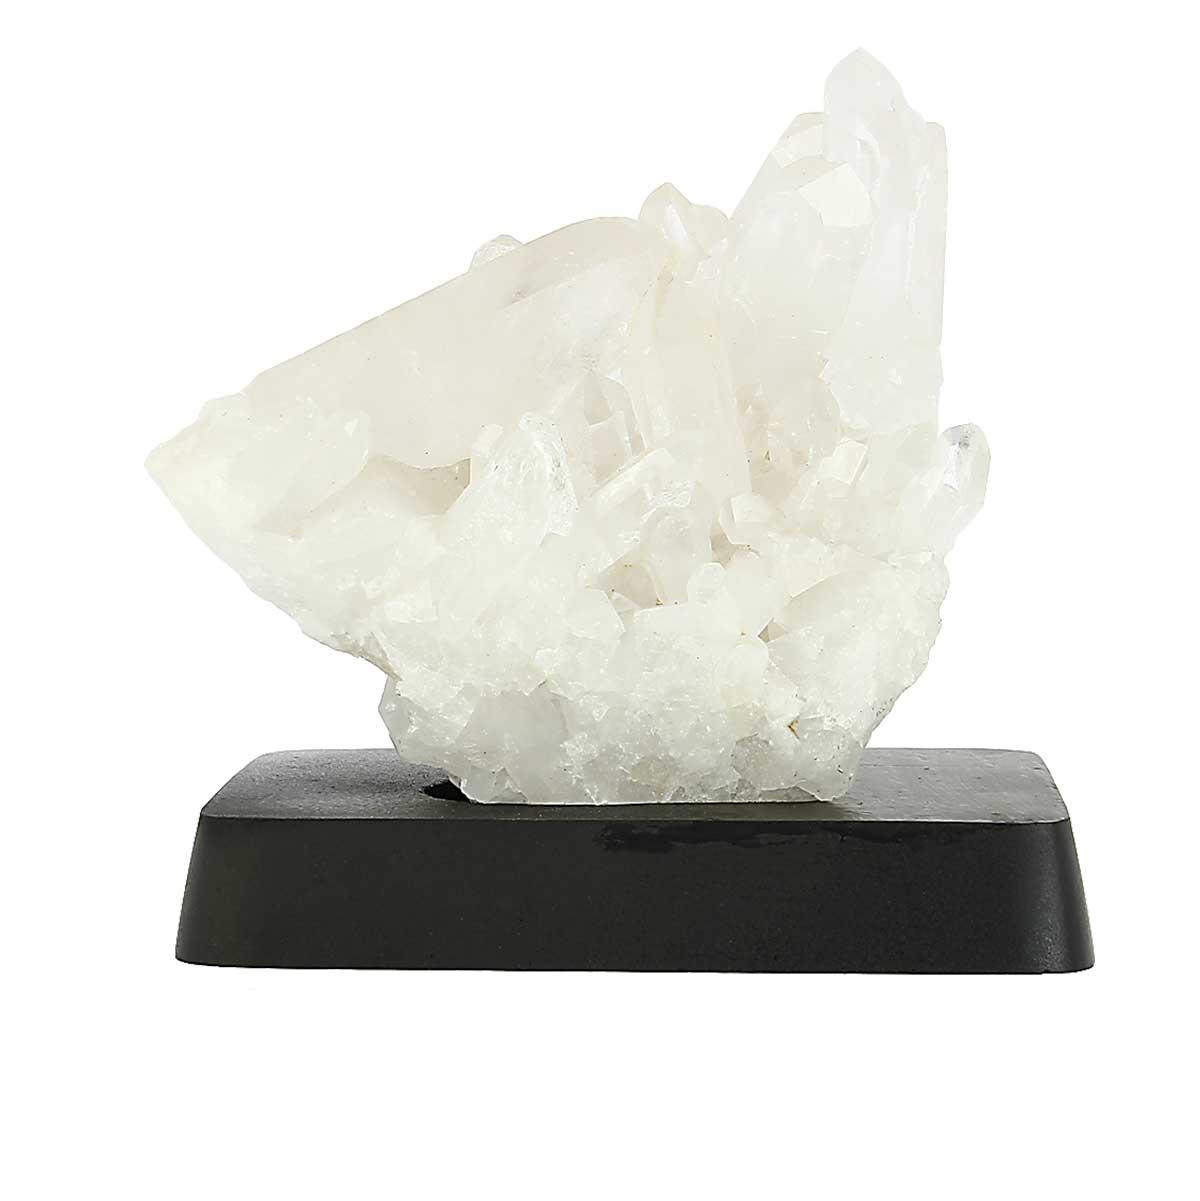 Amas de cristal de roche